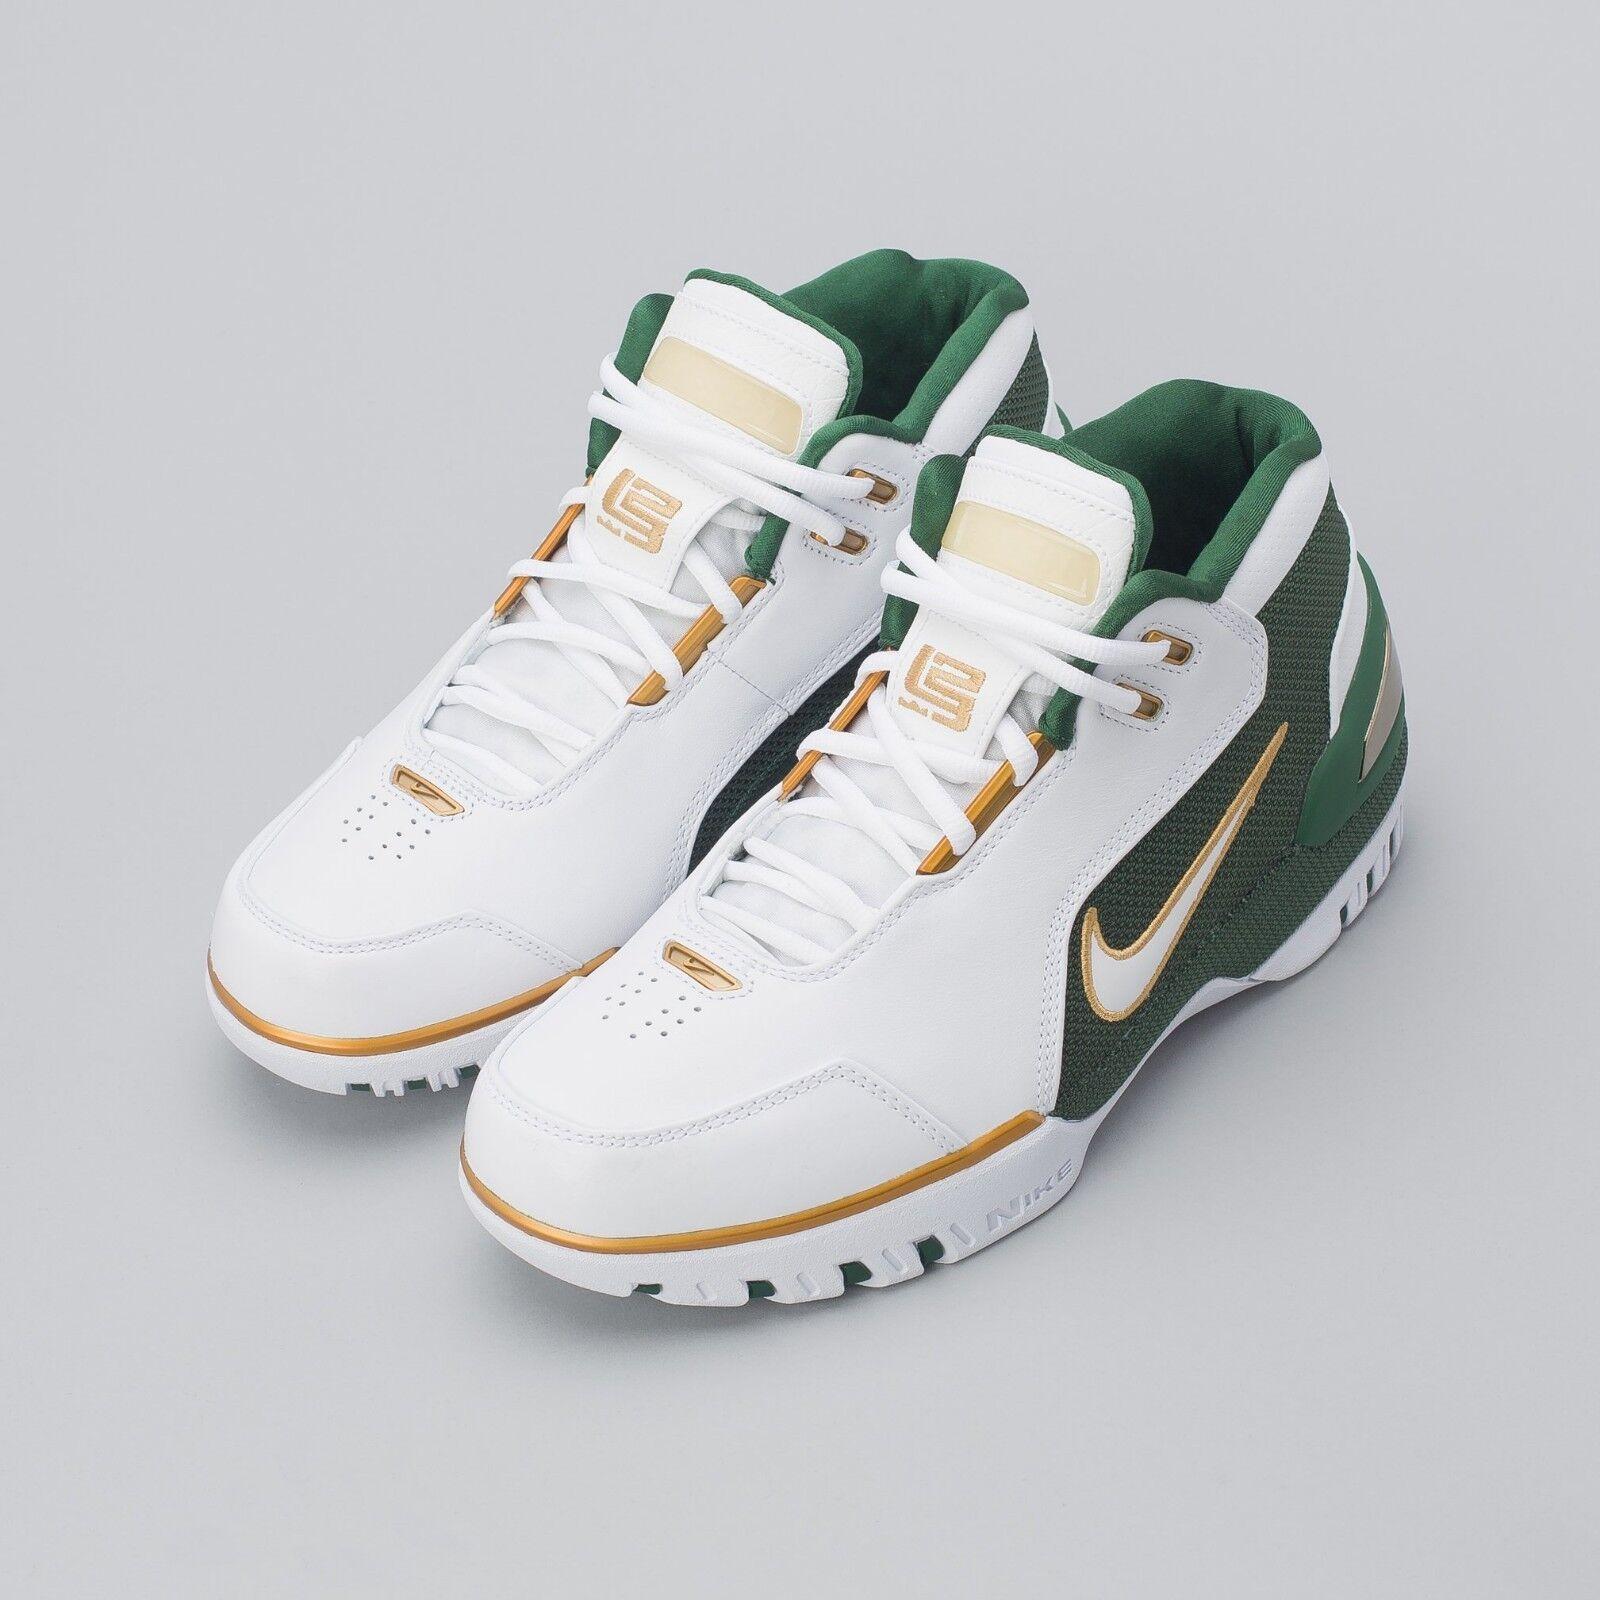 Nike Air Zoom Generation SVSM Lebron James St Vincent size 8.5